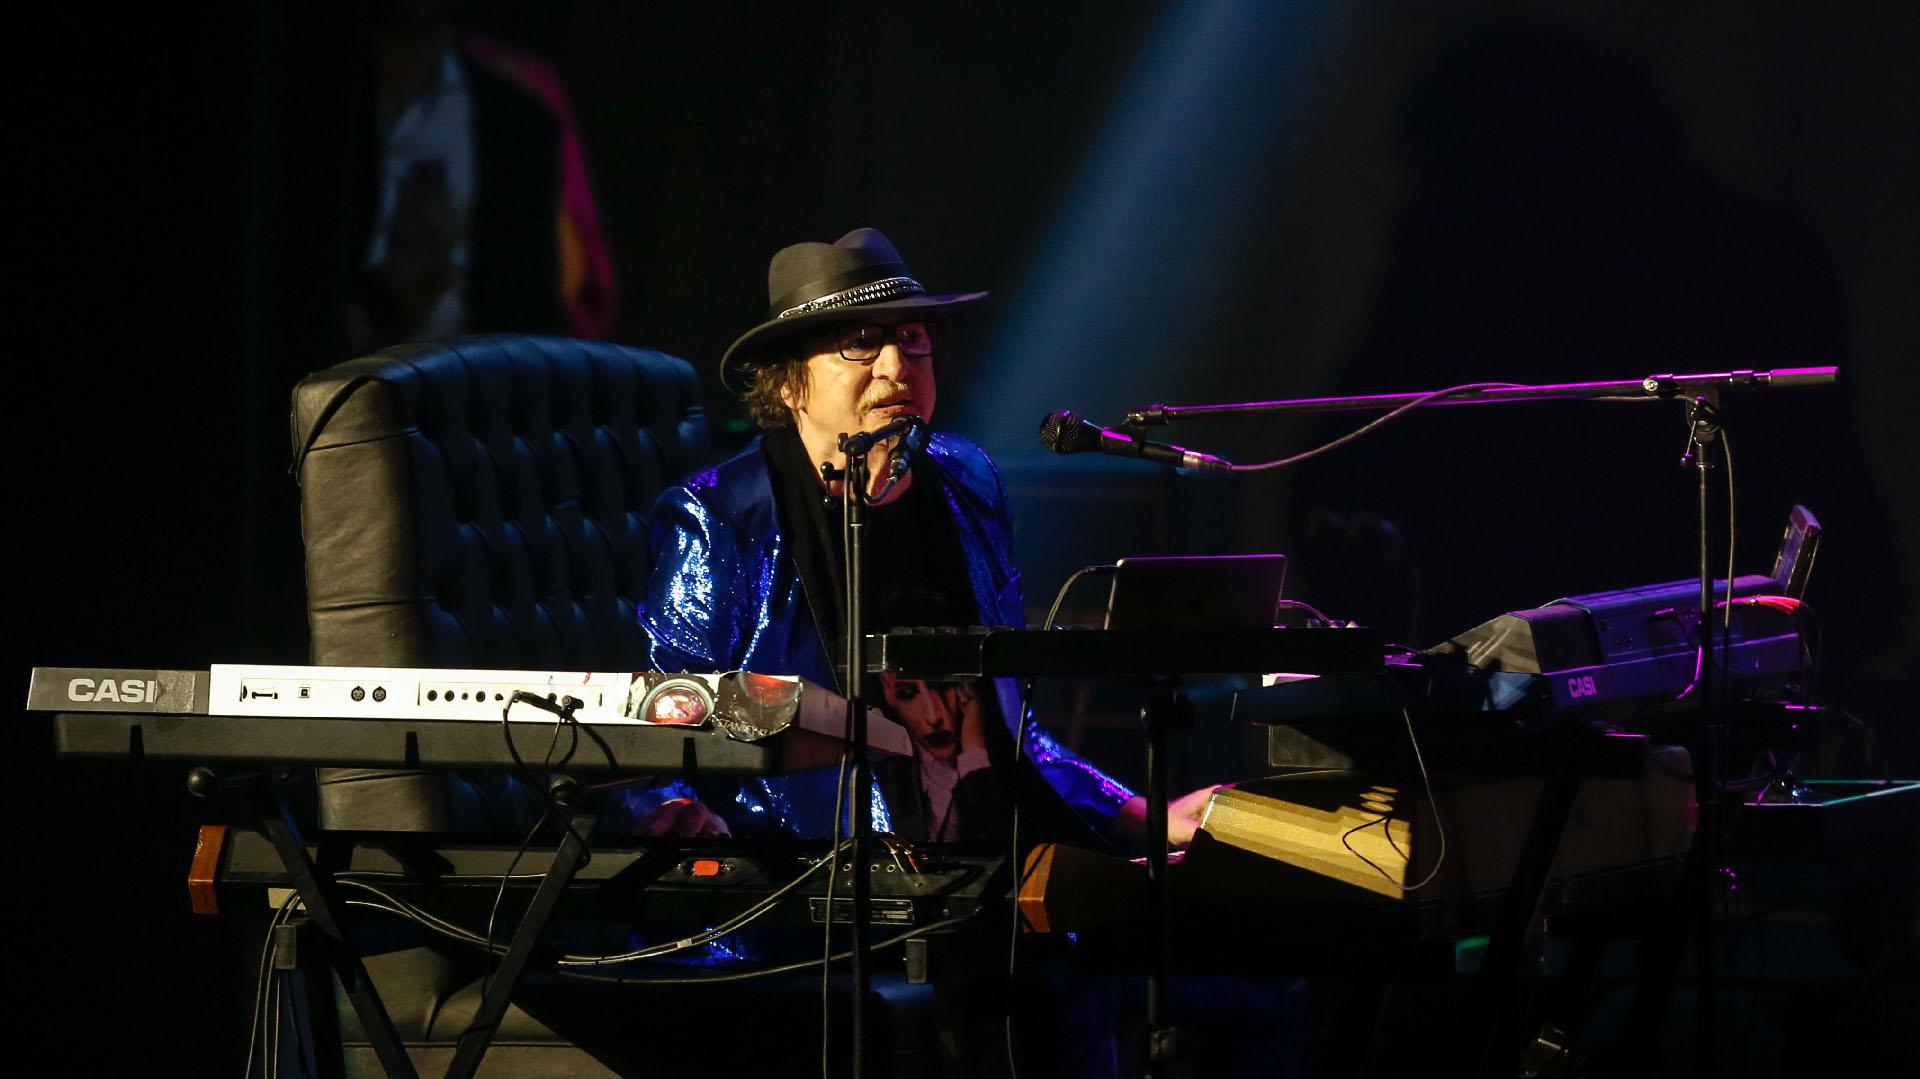 Luego de los recitales que brindó este año en diferentes escenarios de Buenos Aires, y también en Córdoba, el prócer del rock nacional volvió a tocar en el teatro Gran Rex